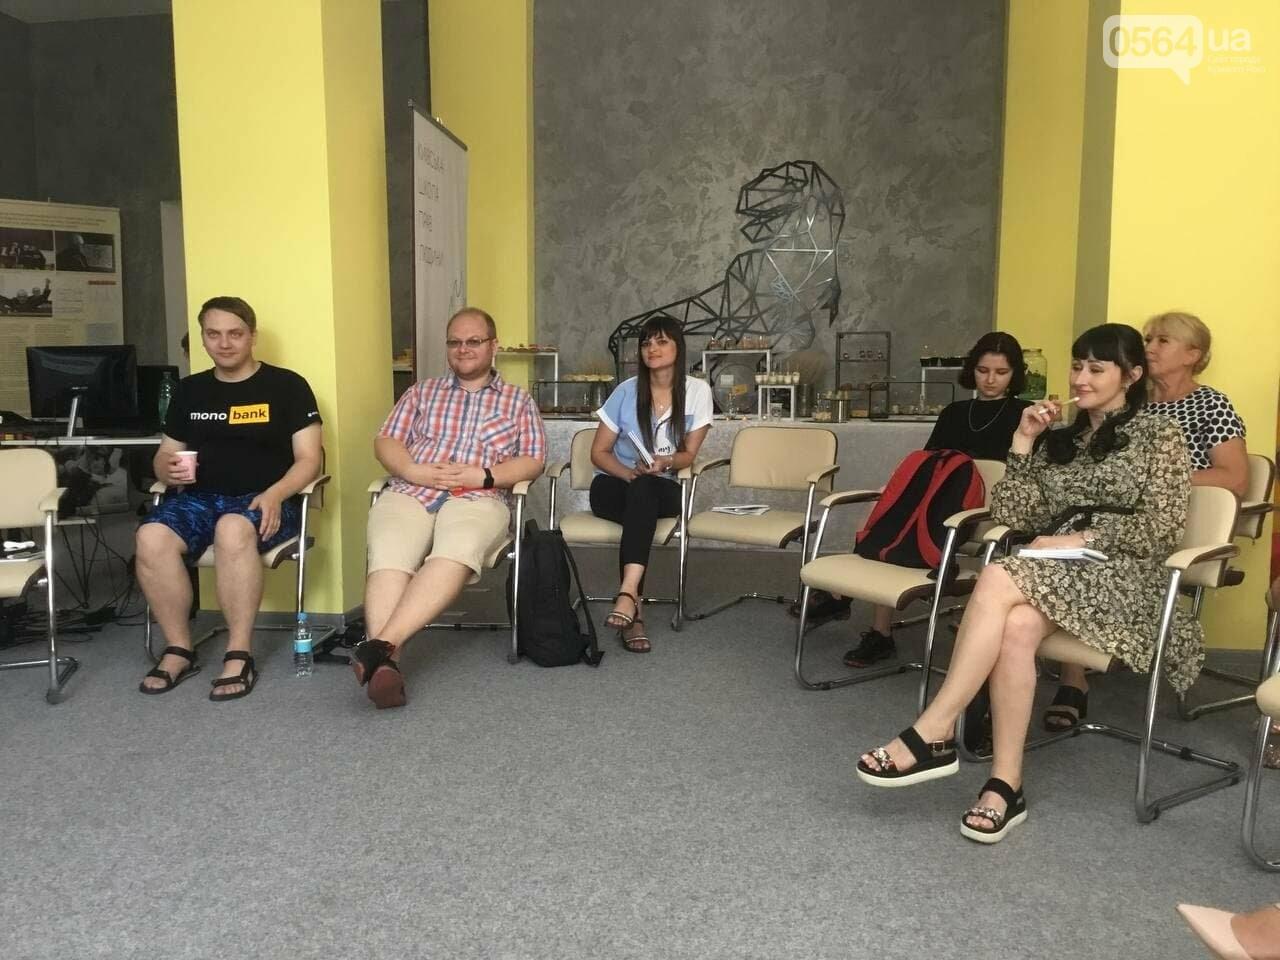 Правовой Weekend в Кривом Роге: правозащитники обсудили проблемы социальной сплочённости, - ФОТО, ВИДЕО, фото-4